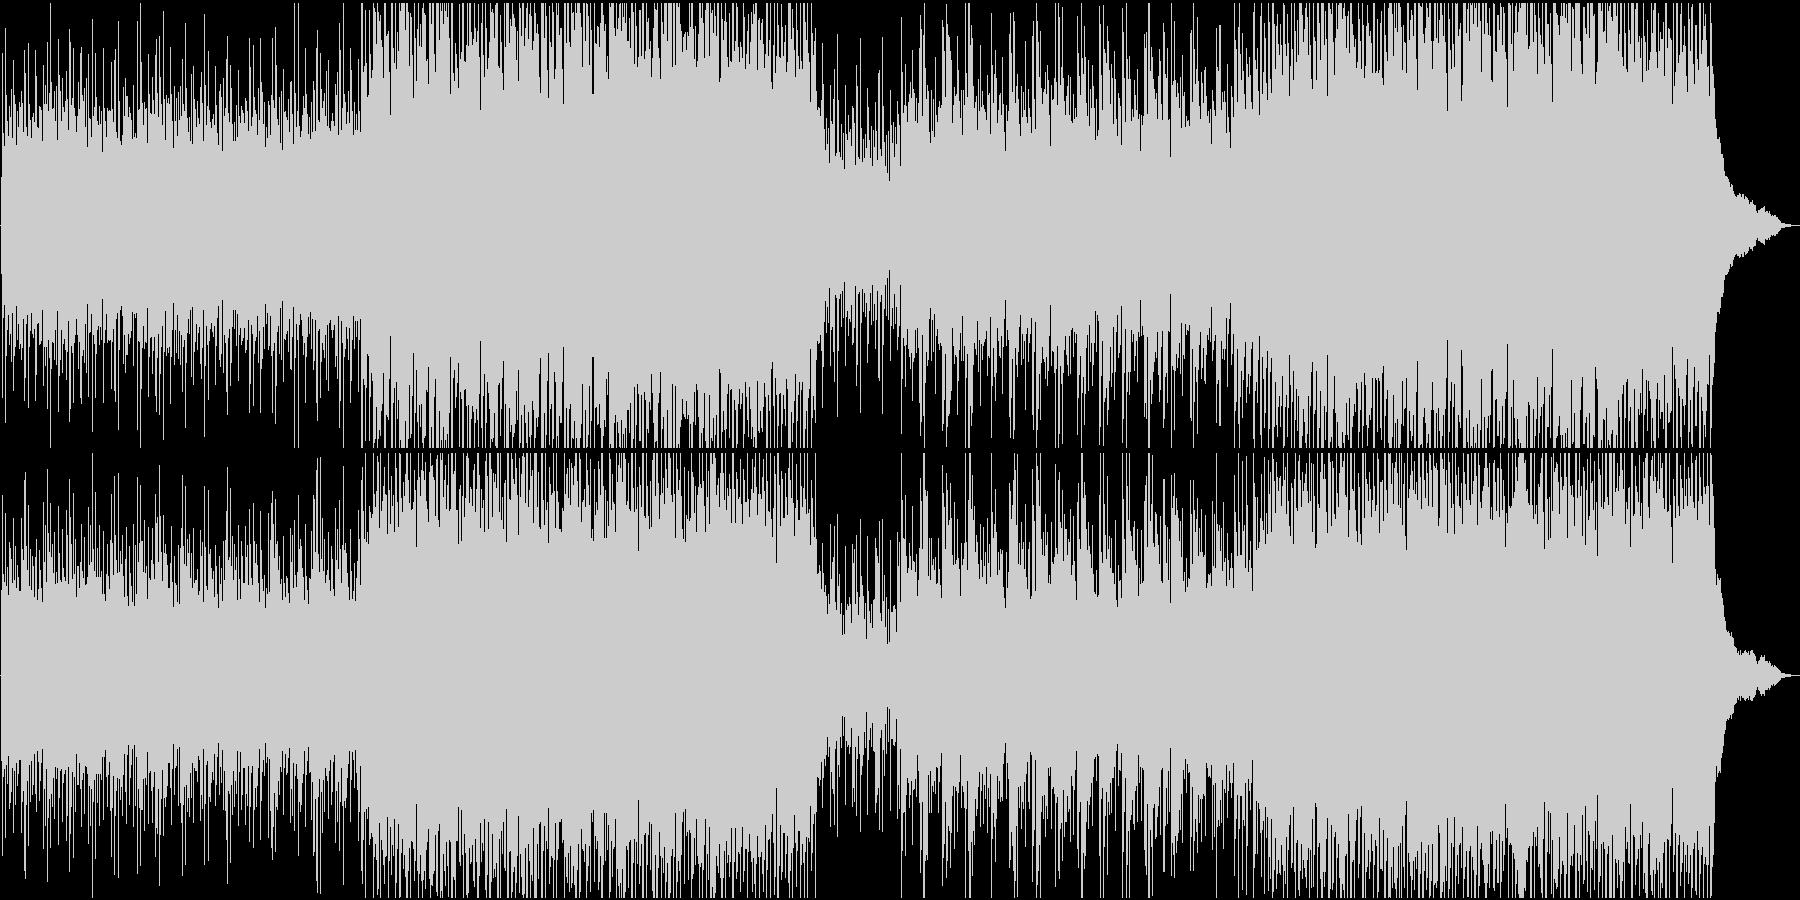 シェイクスピアの時代の映像のBGM風の未再生の波形